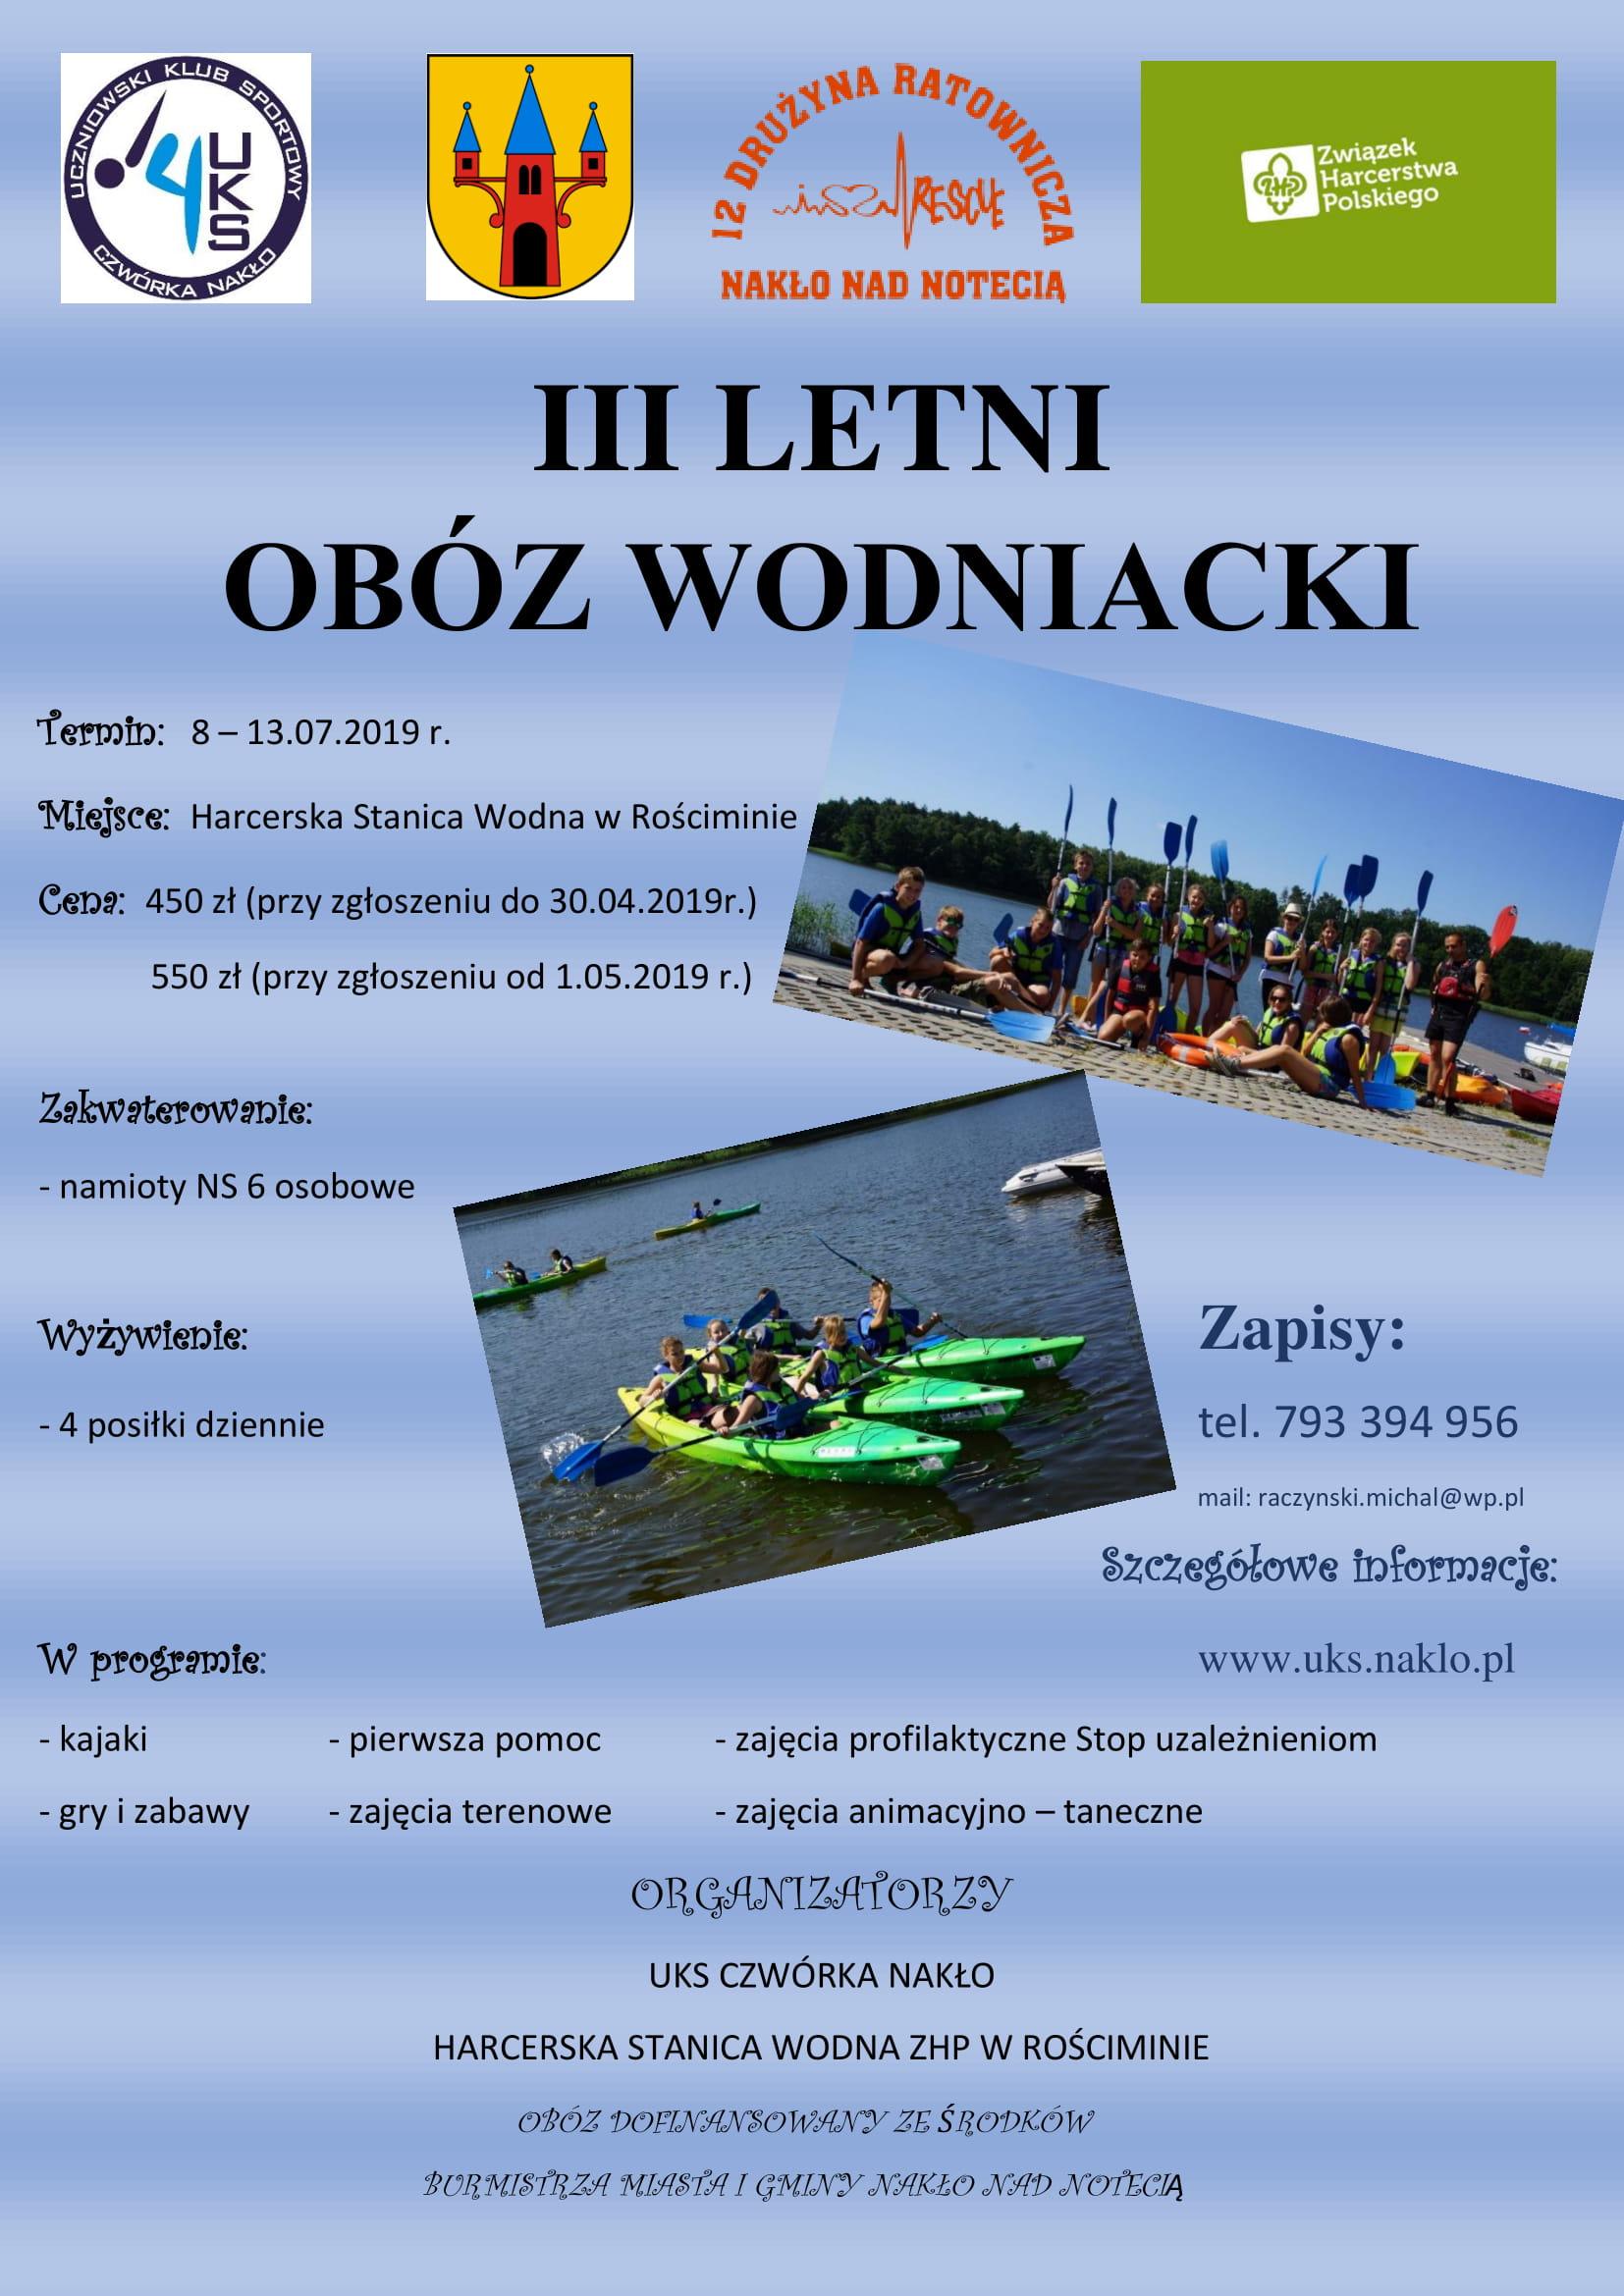 Zapisy na Obóz Wodniacki 2019